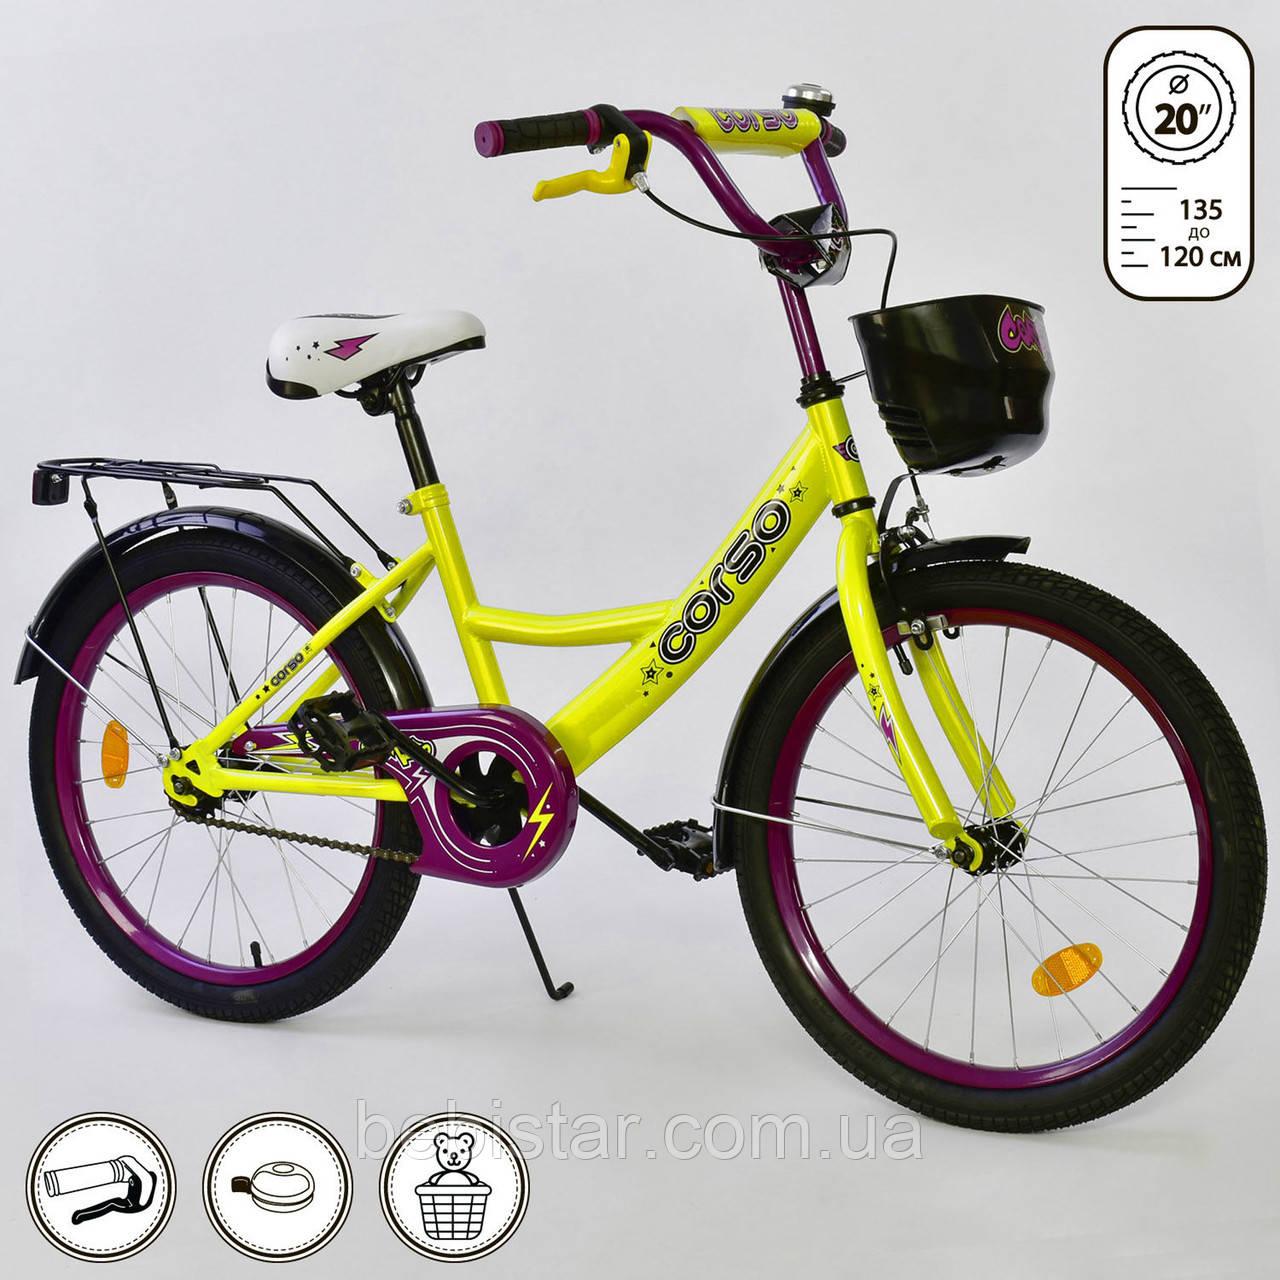 """Дитячий двоколісний велосипед жовтий, підніжка, ручне гальмо Corso 20"""" дітям 6-9 років"""